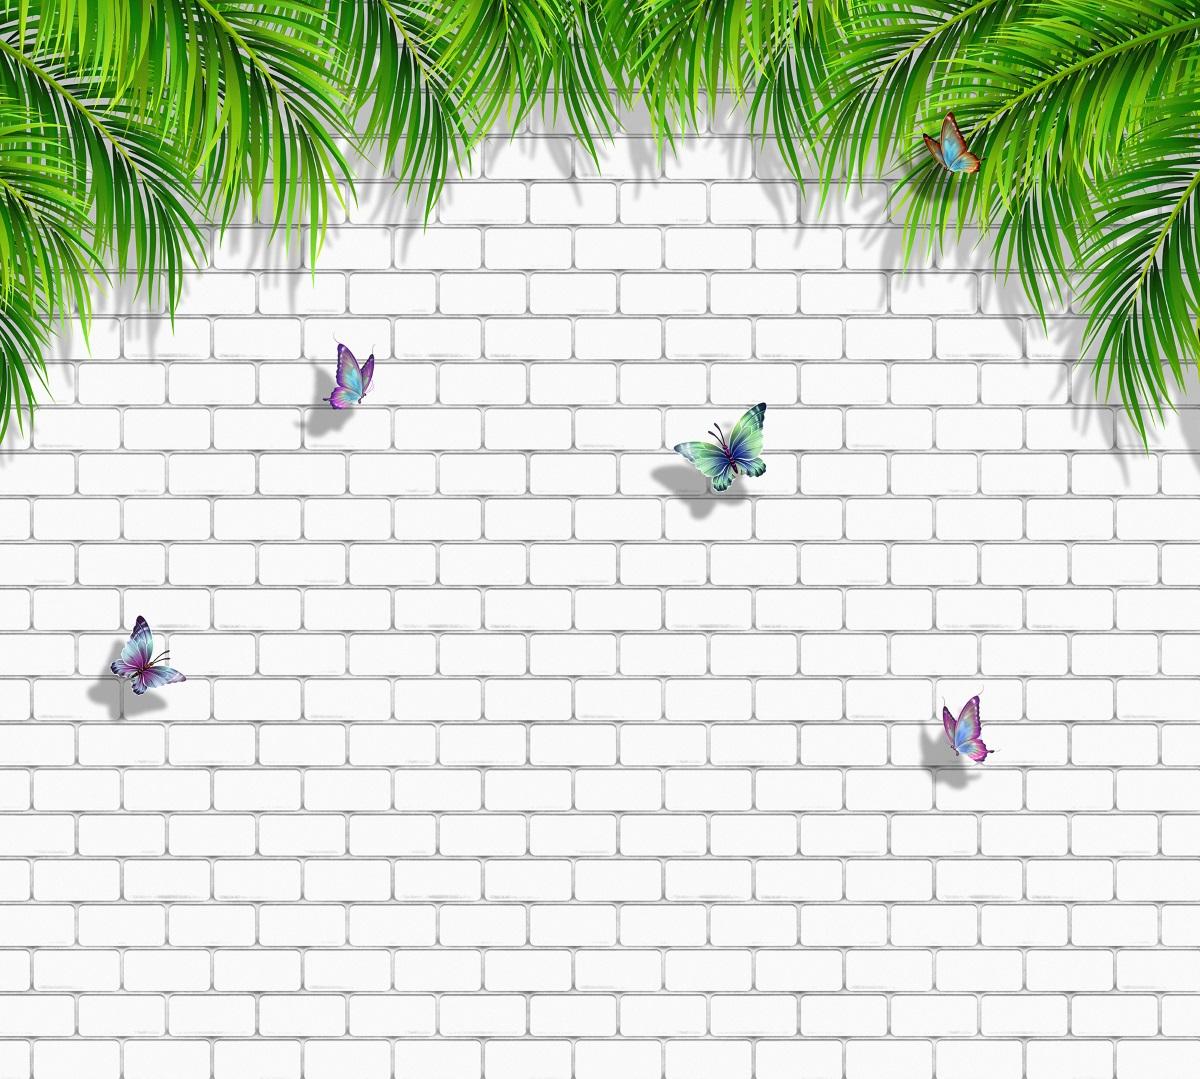 """Фотообои """"Бабочки на стене"""" позволят создать неповторимый облик помещения, в котором они размещены. Фотообои печатаются на чистом флизелине. Преимущества:- качественный, экологически чистый материал;- простота наклеивания;- длительный срок службы."""